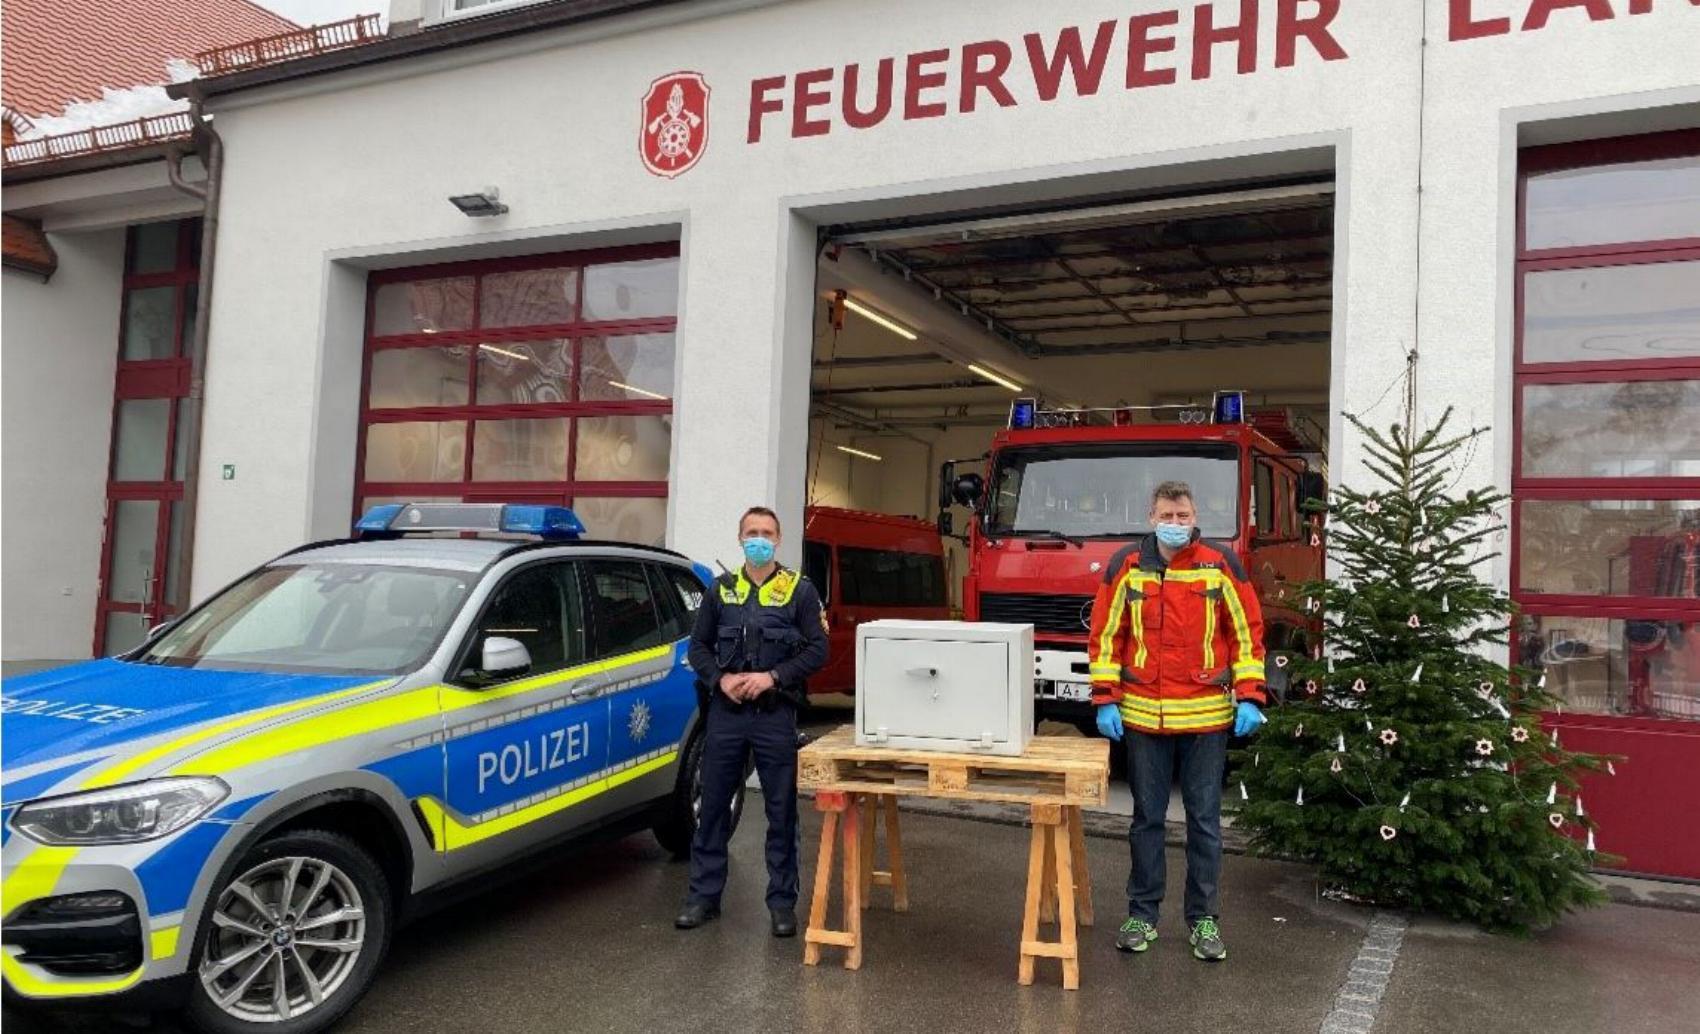 Feuerwehr Langeringen Tresor